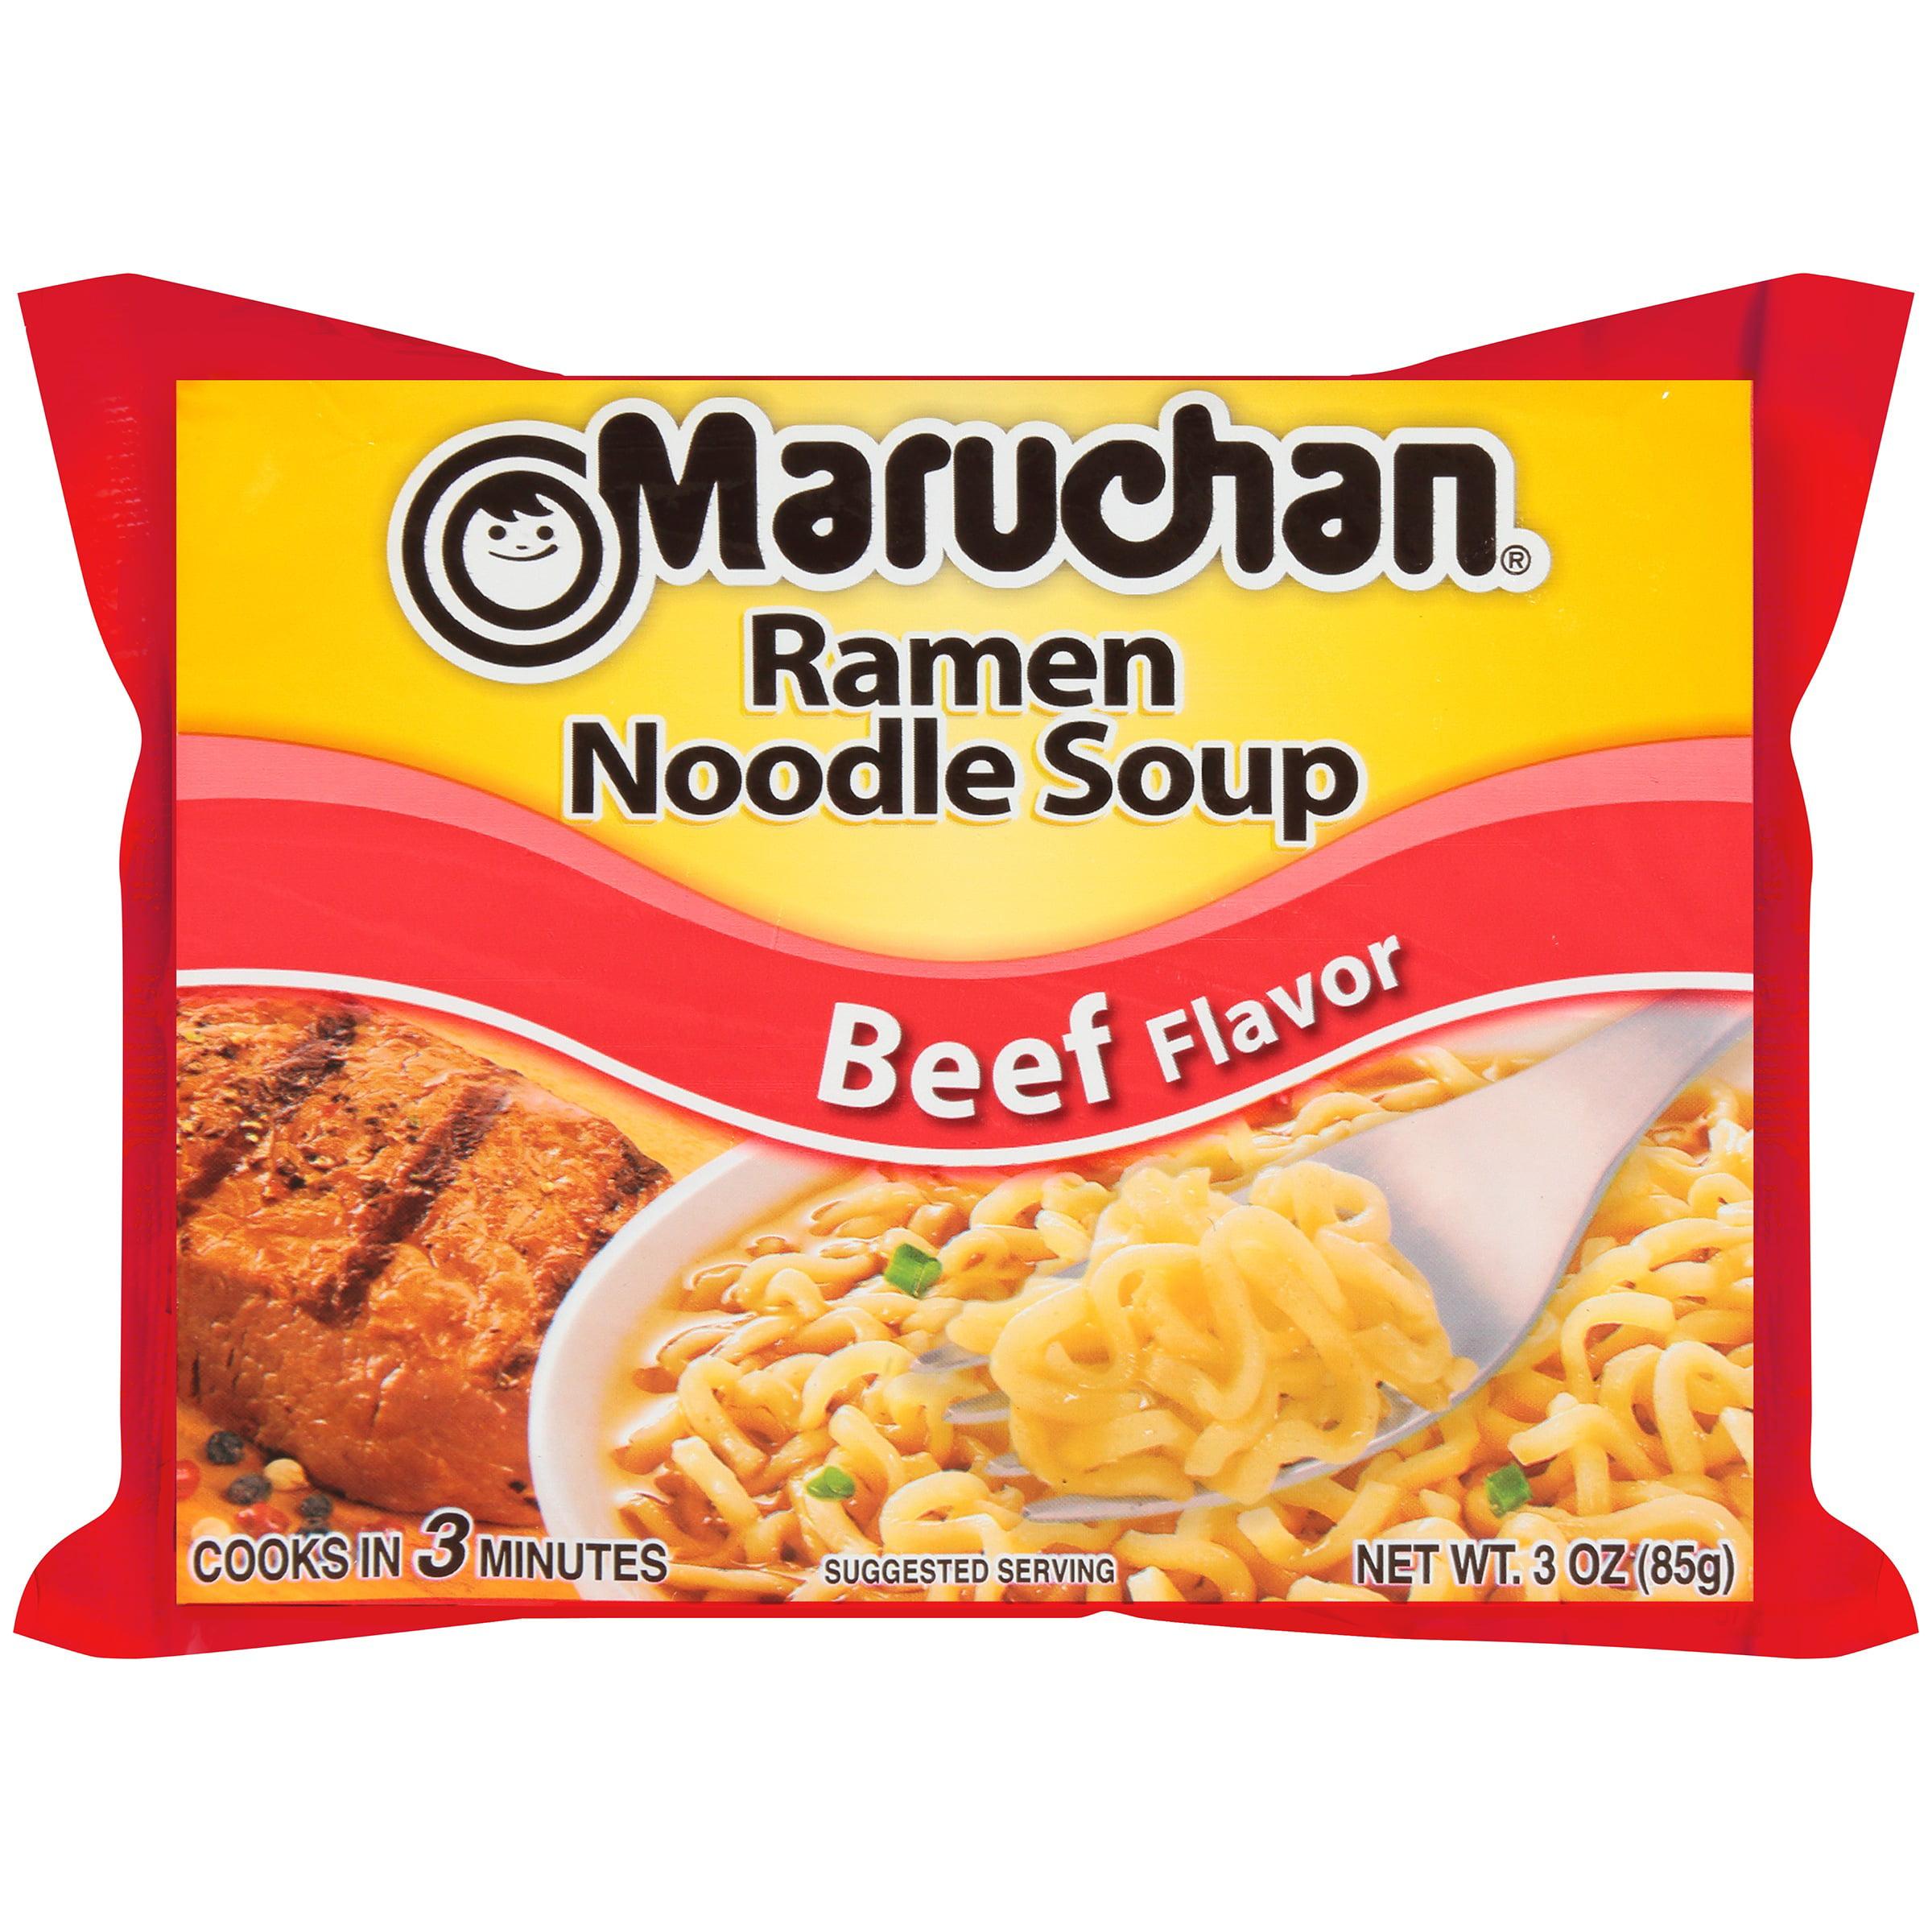 Maruchan Beef Flavor Ramen Noodle Soup 3 Oz Walmartcom